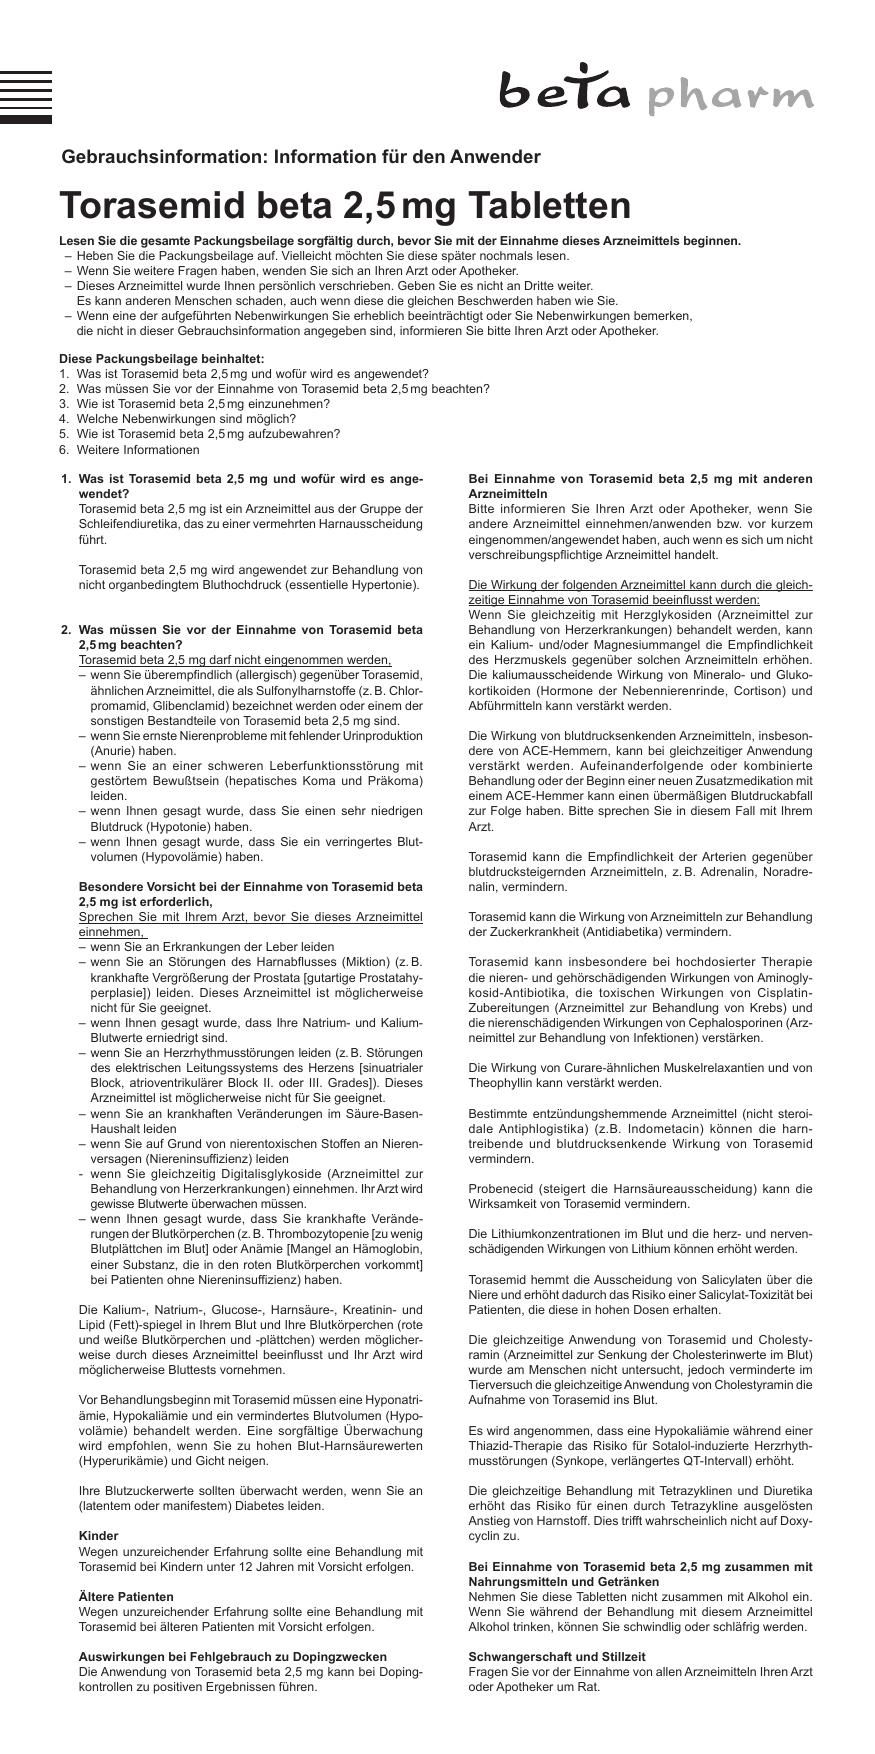 Torasemid beta 2,5 mg Tabletten - medikamente-per